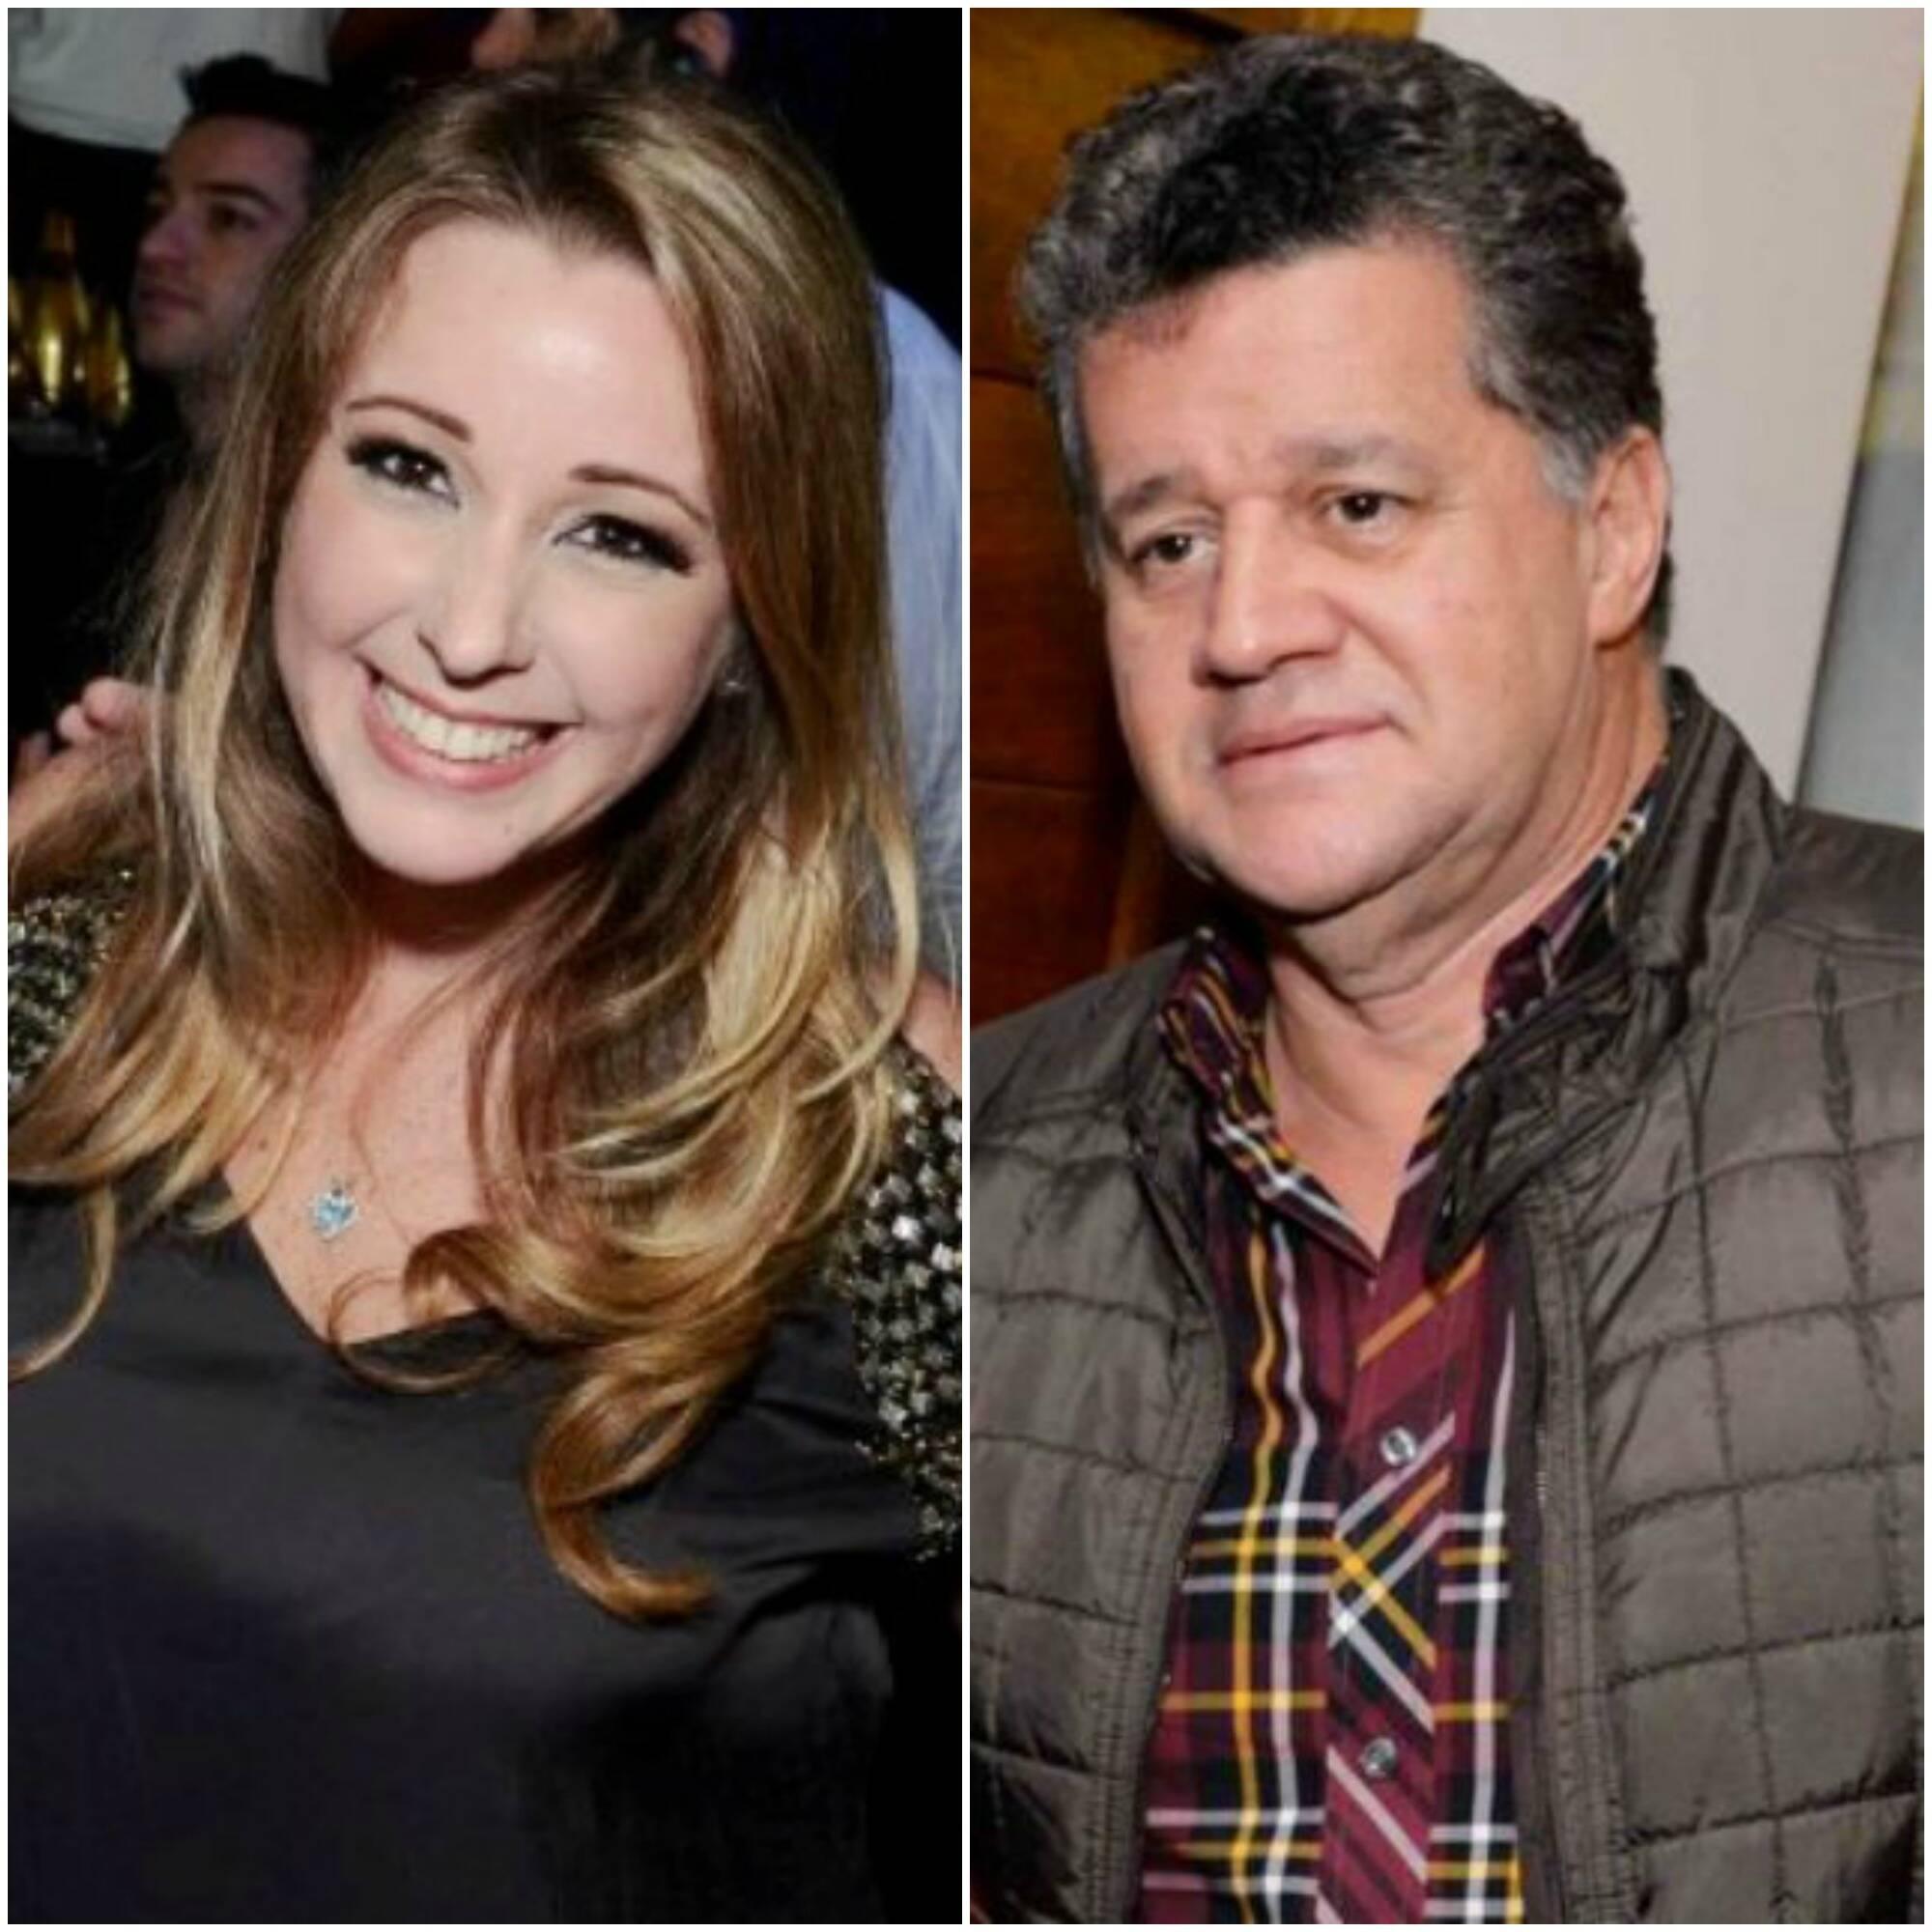 Pamela Cancela e Walter Guimarães: dos eventos e festas para o comando de um festival de food trucks / Fotos: Facebook e Ari Kaye